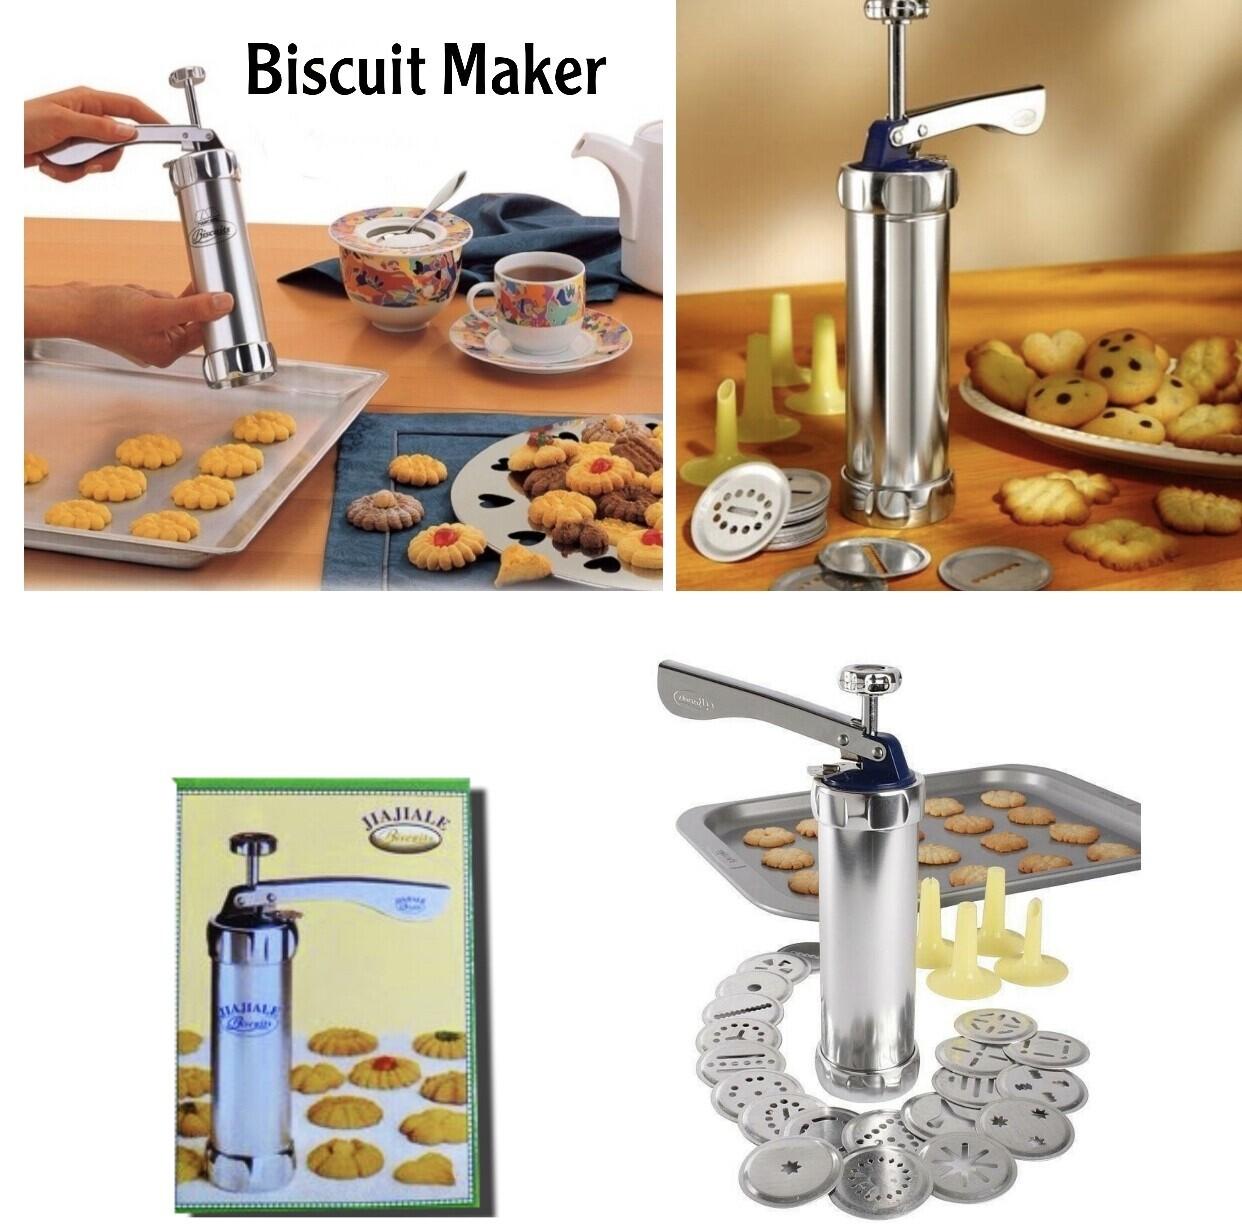 Biscuit Maker